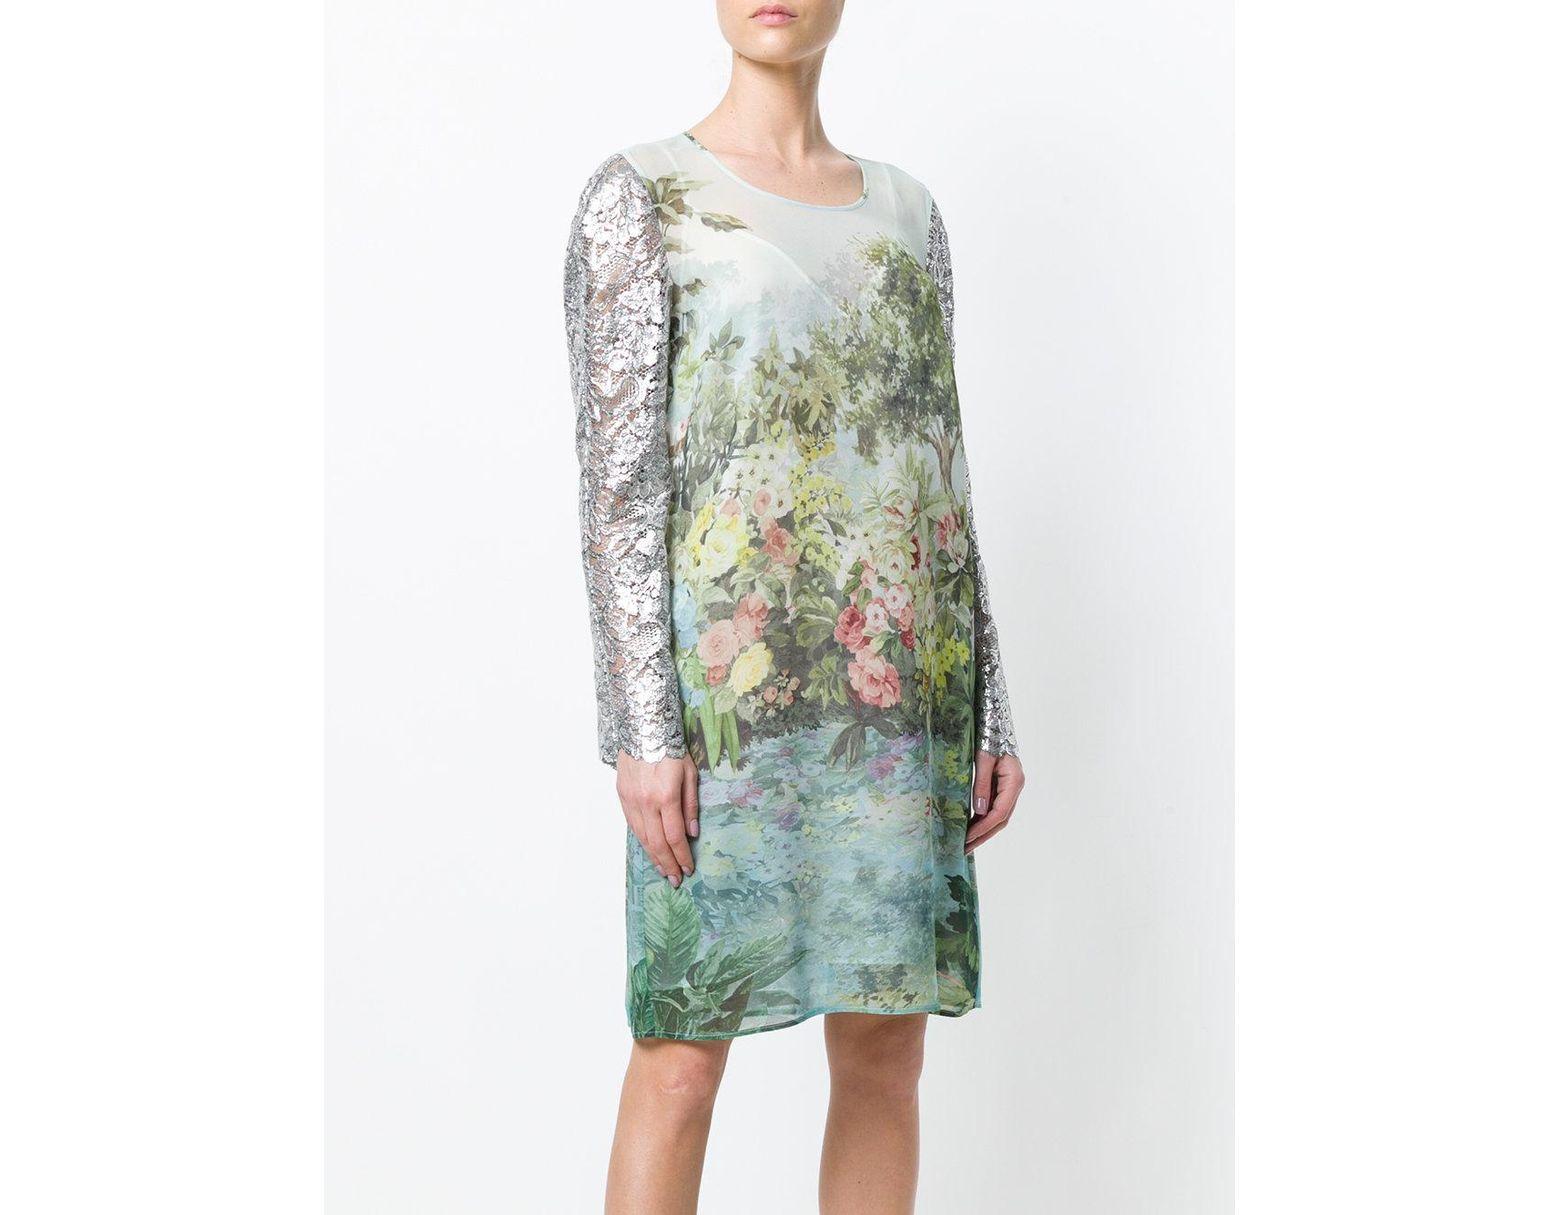 Robe À Midi Femme Fleurs Coloris Vert De UpVLqzjMSG